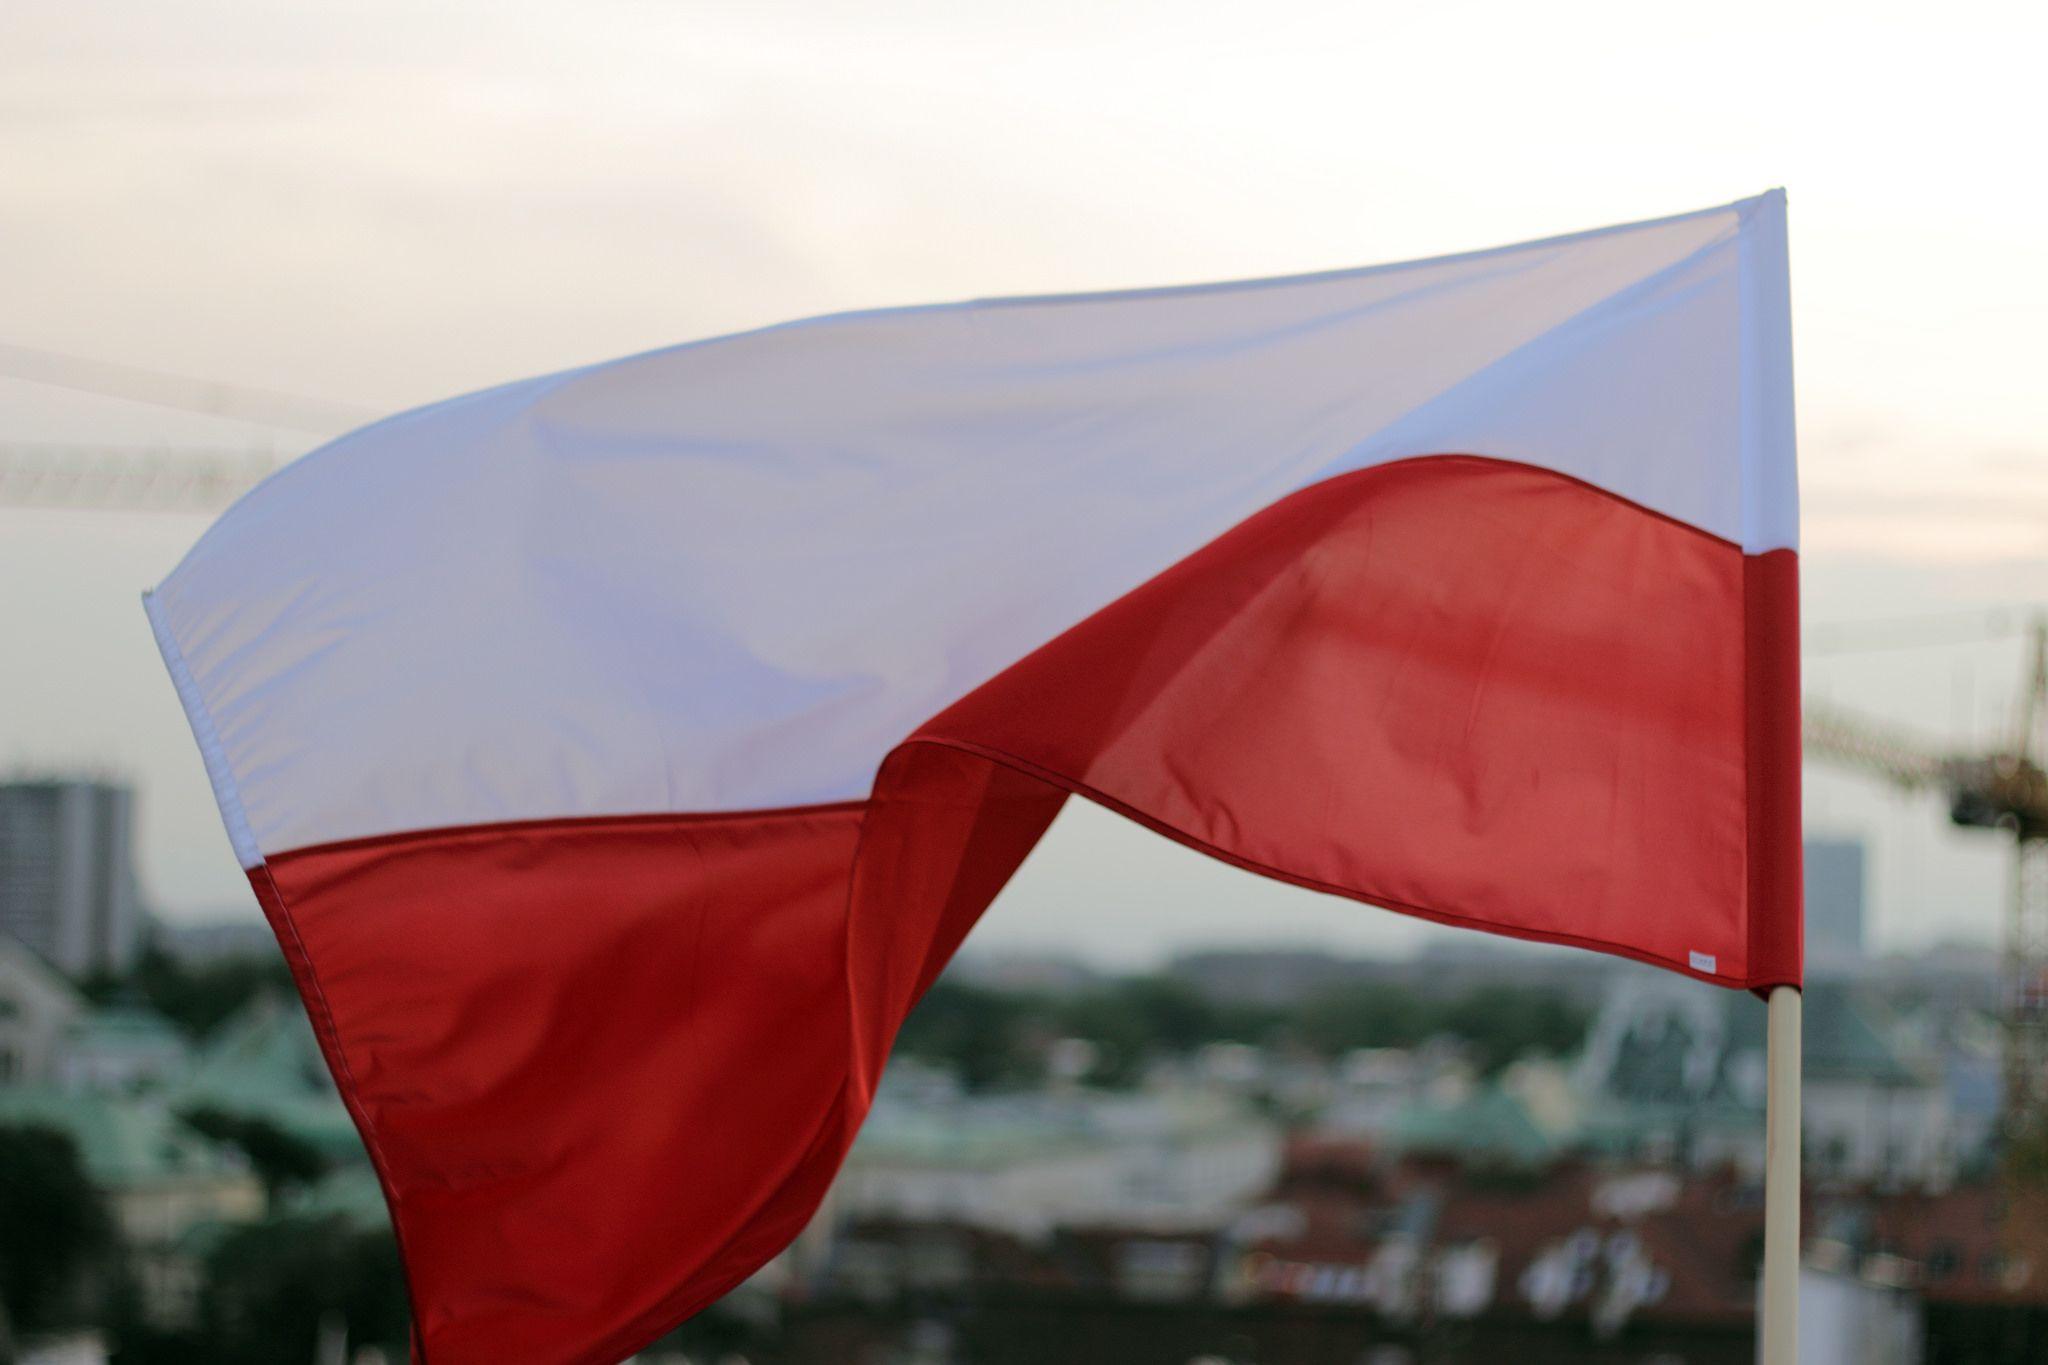 EEEEDrugi dzień maja to Święto Flagi. Wywieś biało-czerwoną i zamanifestuj swoją więź z Ojczyzną, której na imię Polska